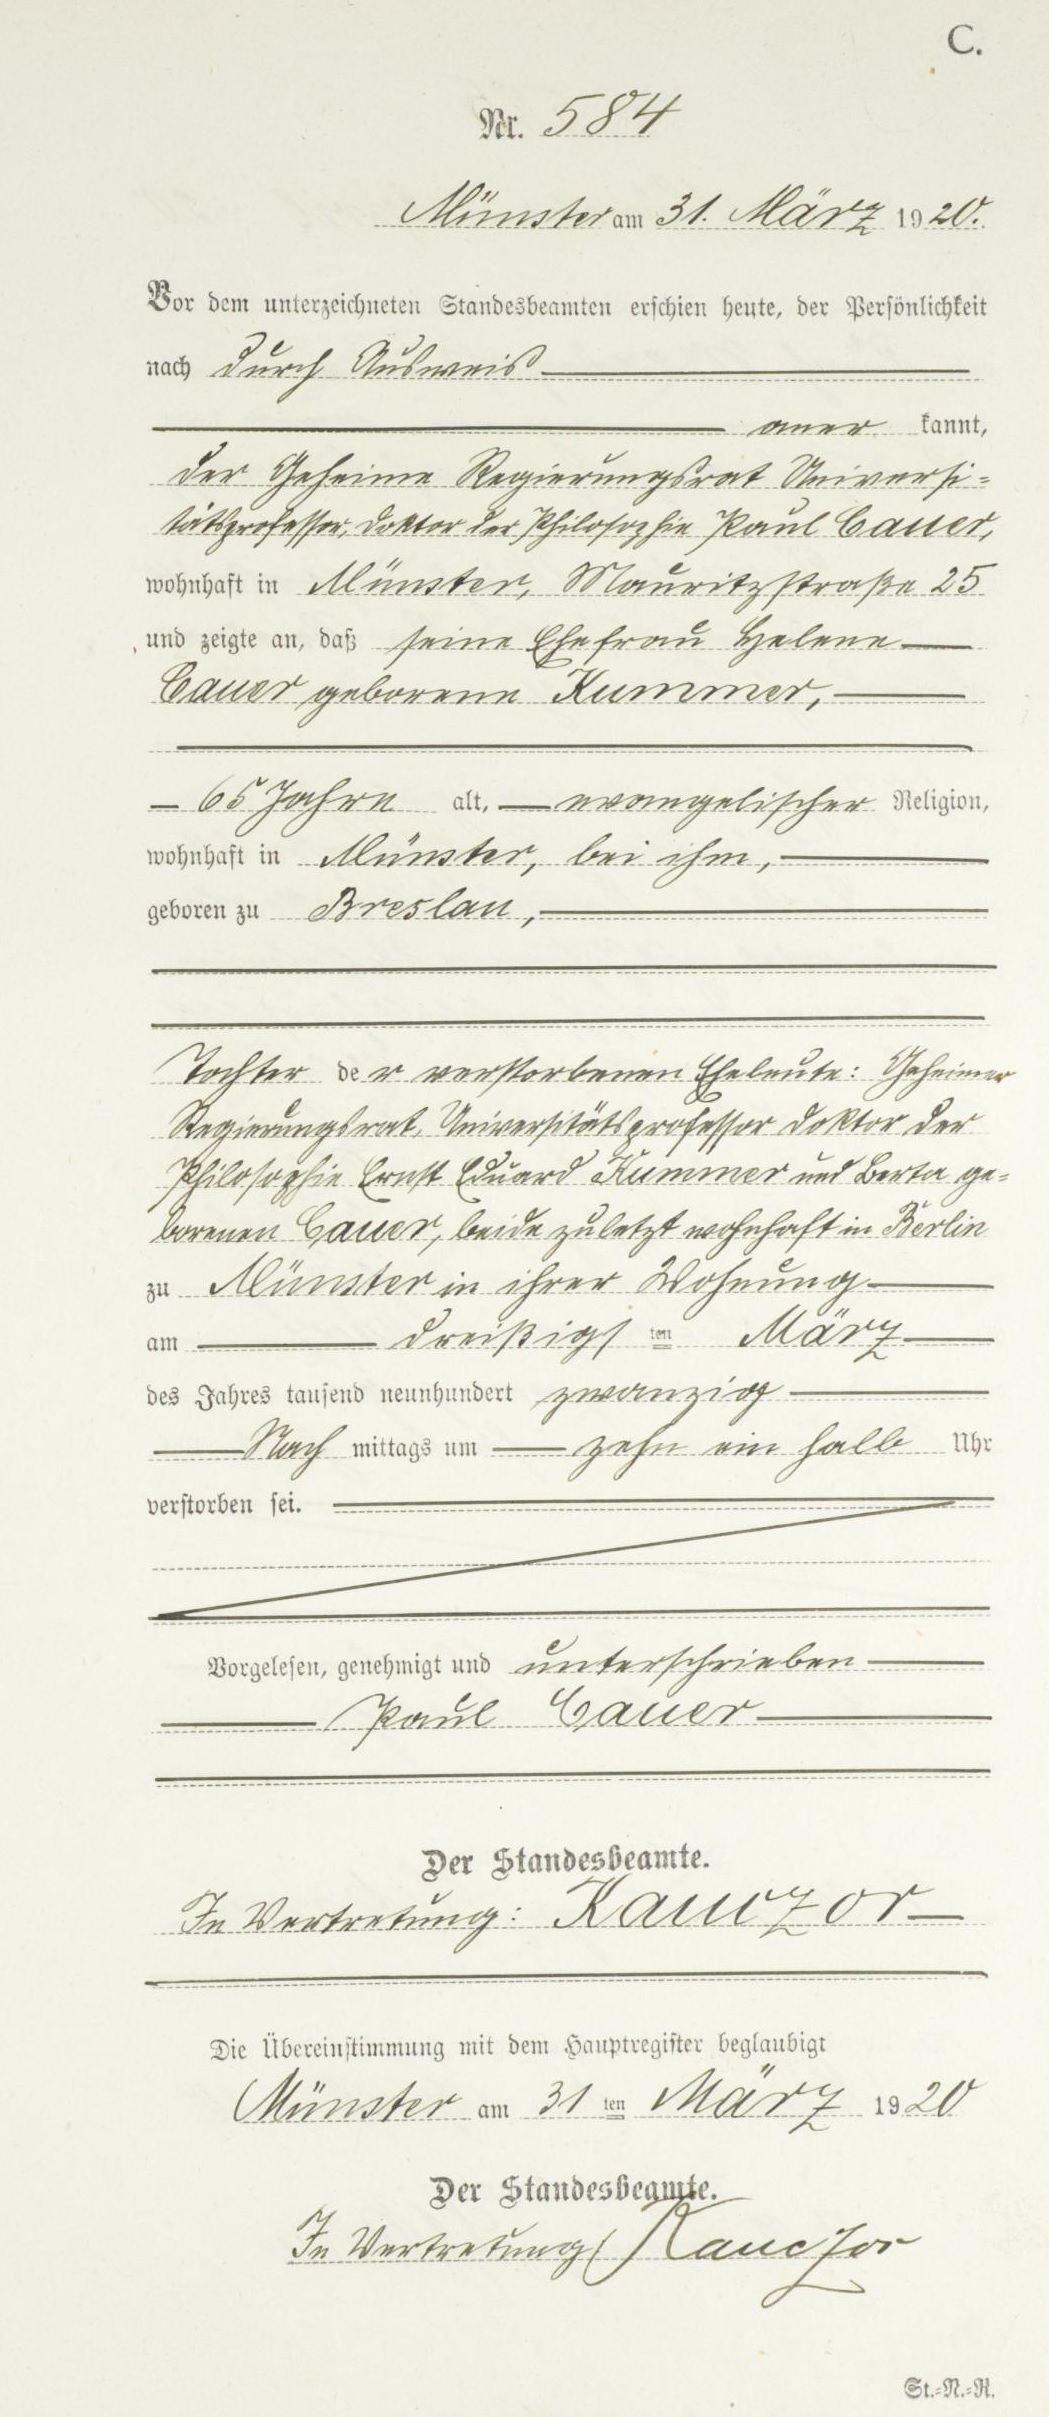 Rekord śmierci Helene Kummer Cauer [Kredyt: MyHeritage Niemcy, Nadrenia Północna-Westfalia, indeks śmierci 1870-1940]